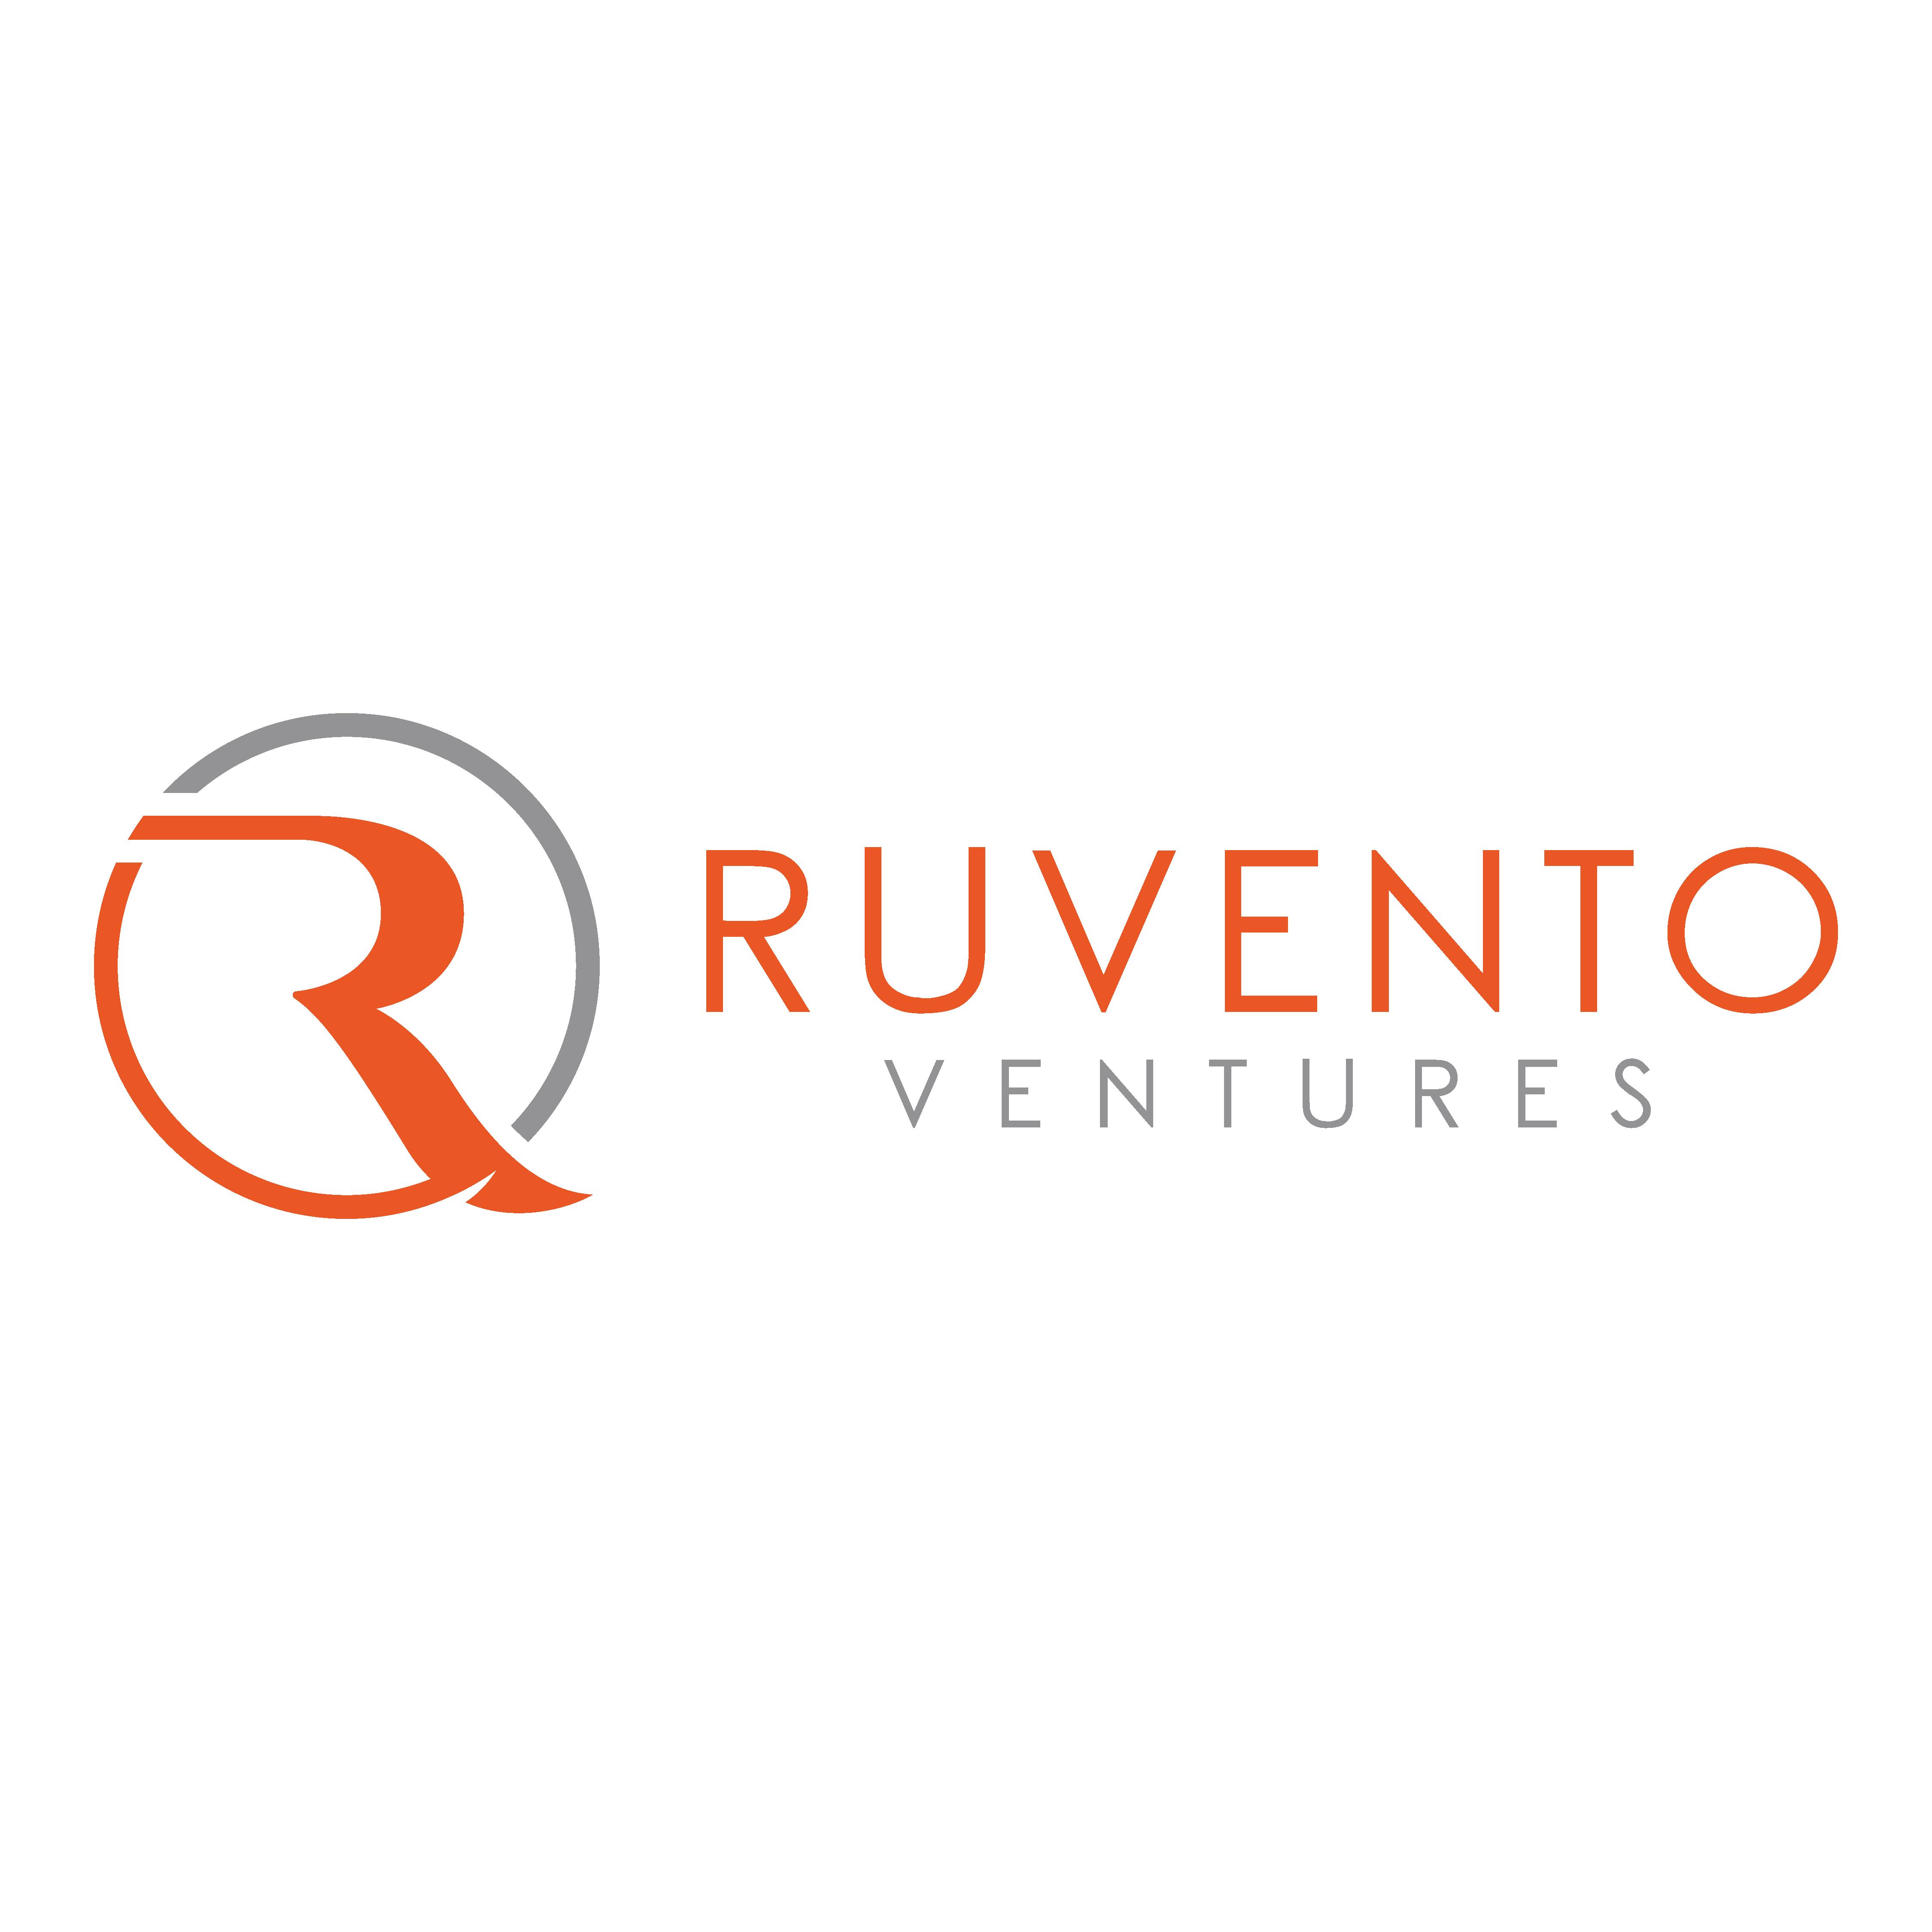 Ruvento Ventures